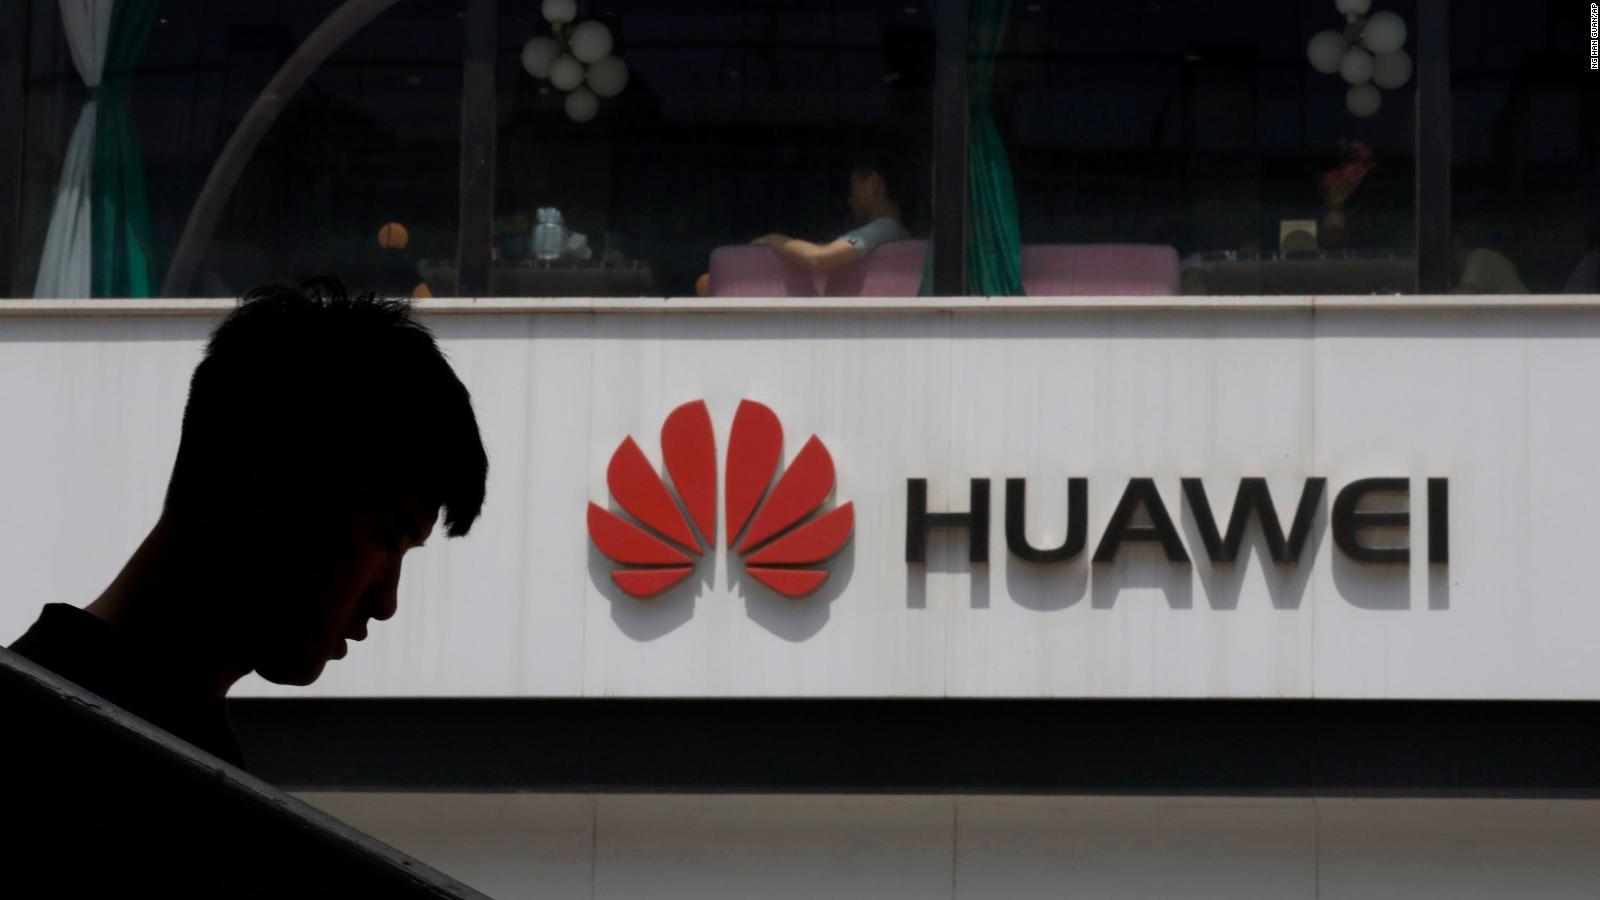 Las restricciones a Huawei, ¿objeto de una negociación?